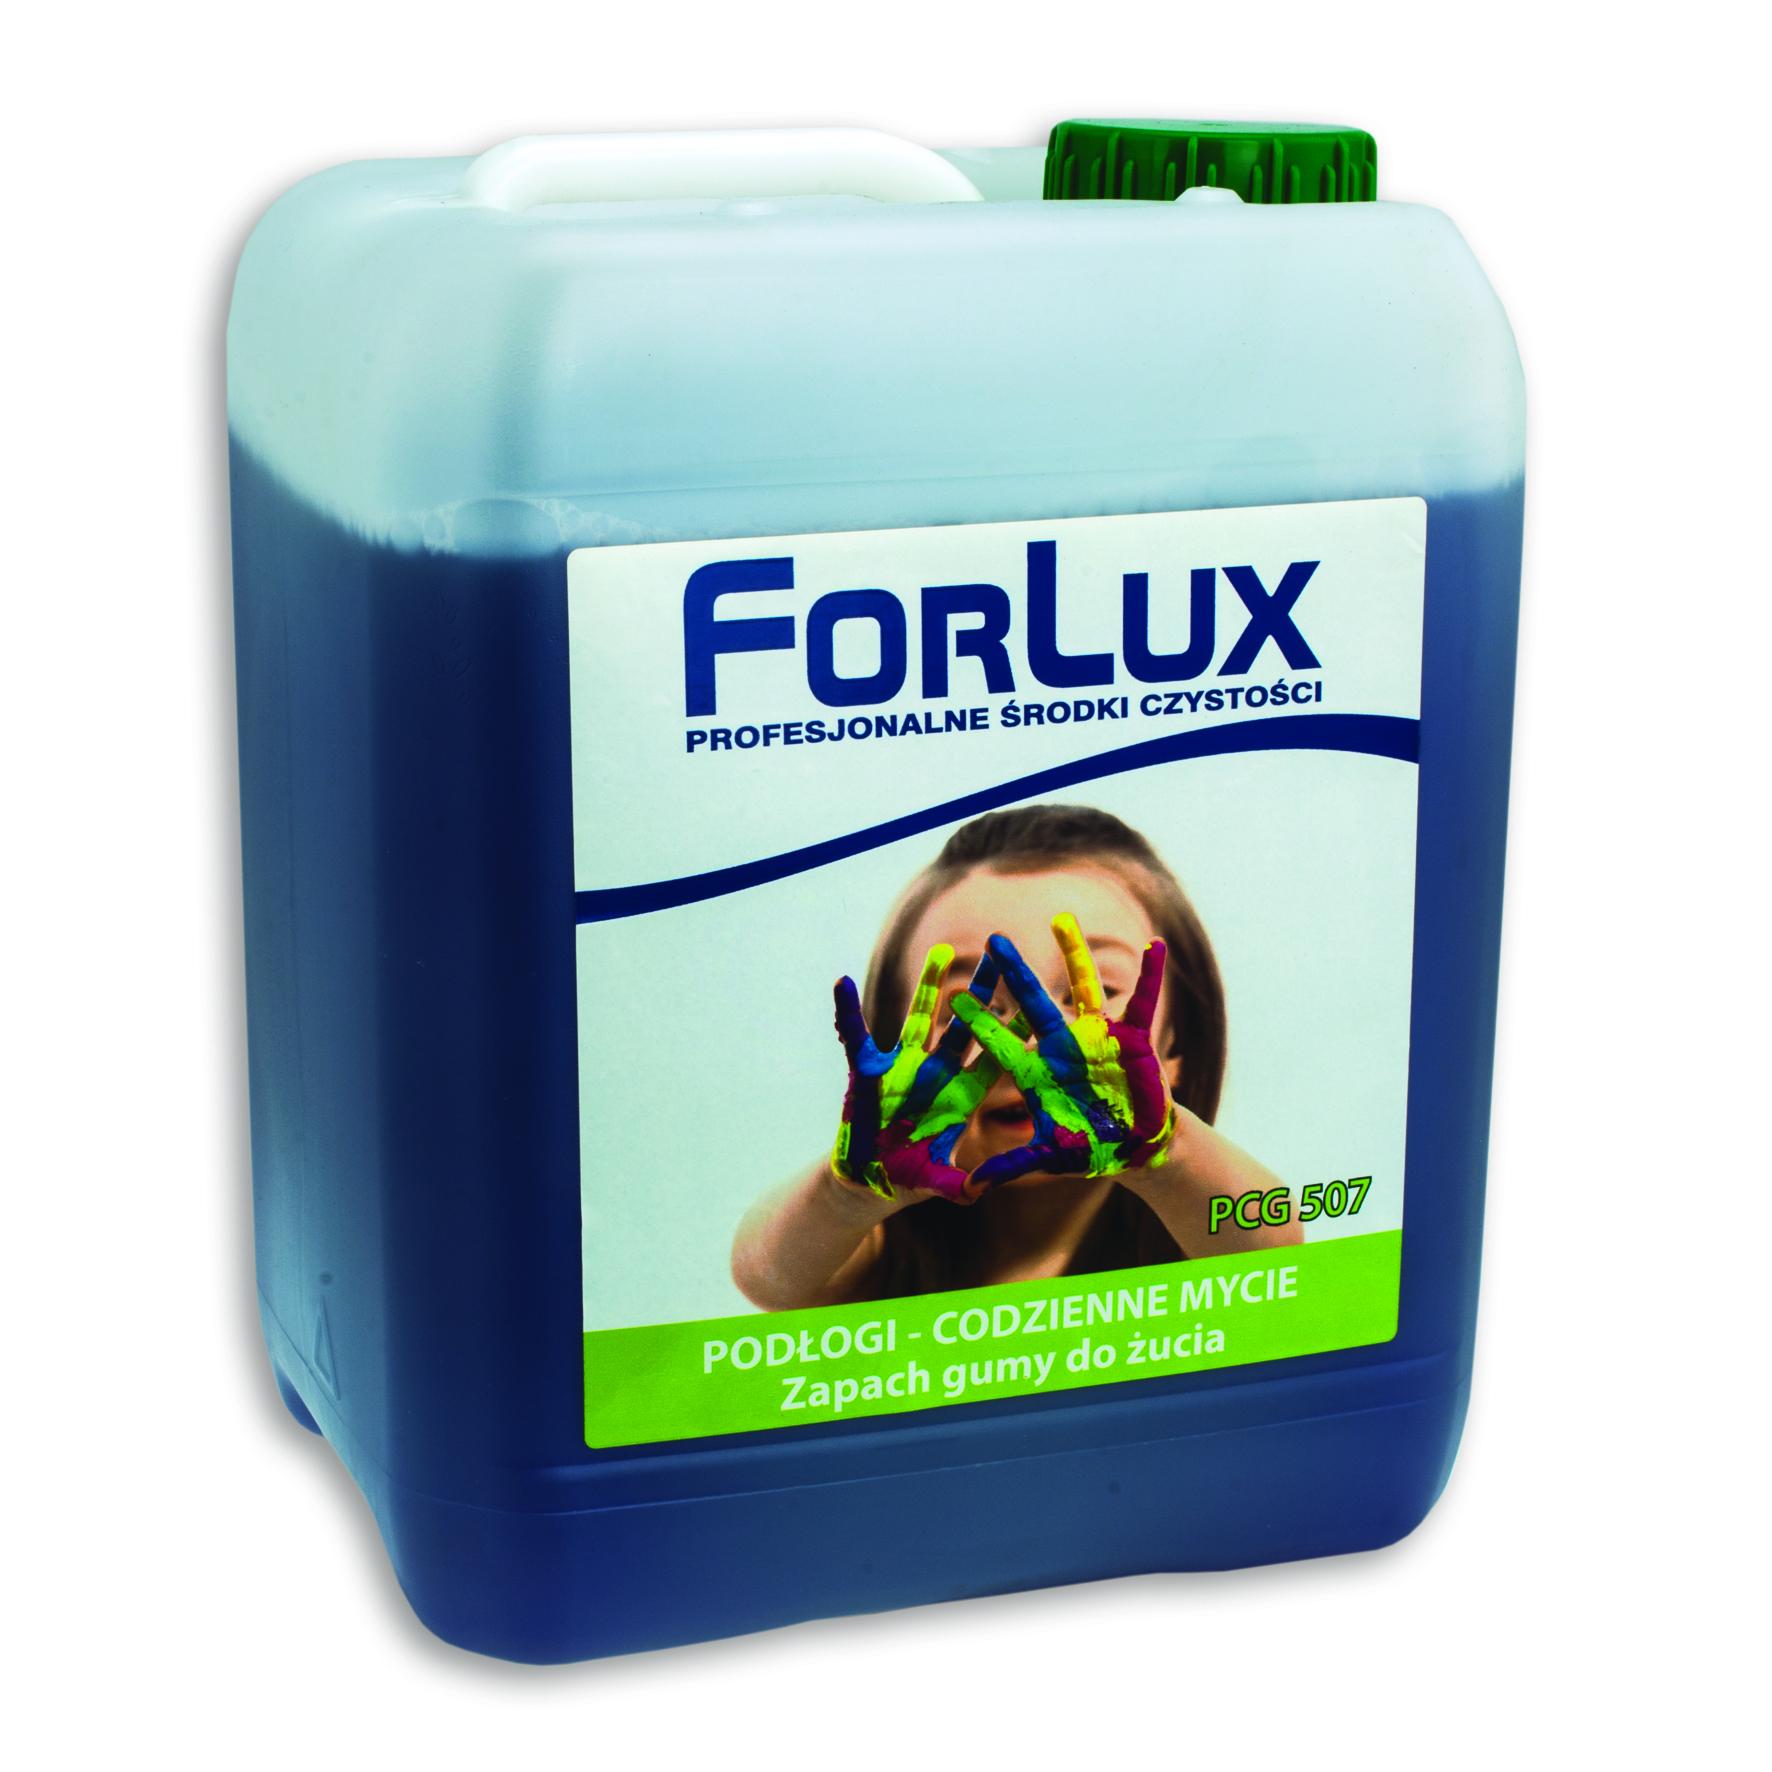 FORLUX PCG 07 Mycie codzienne